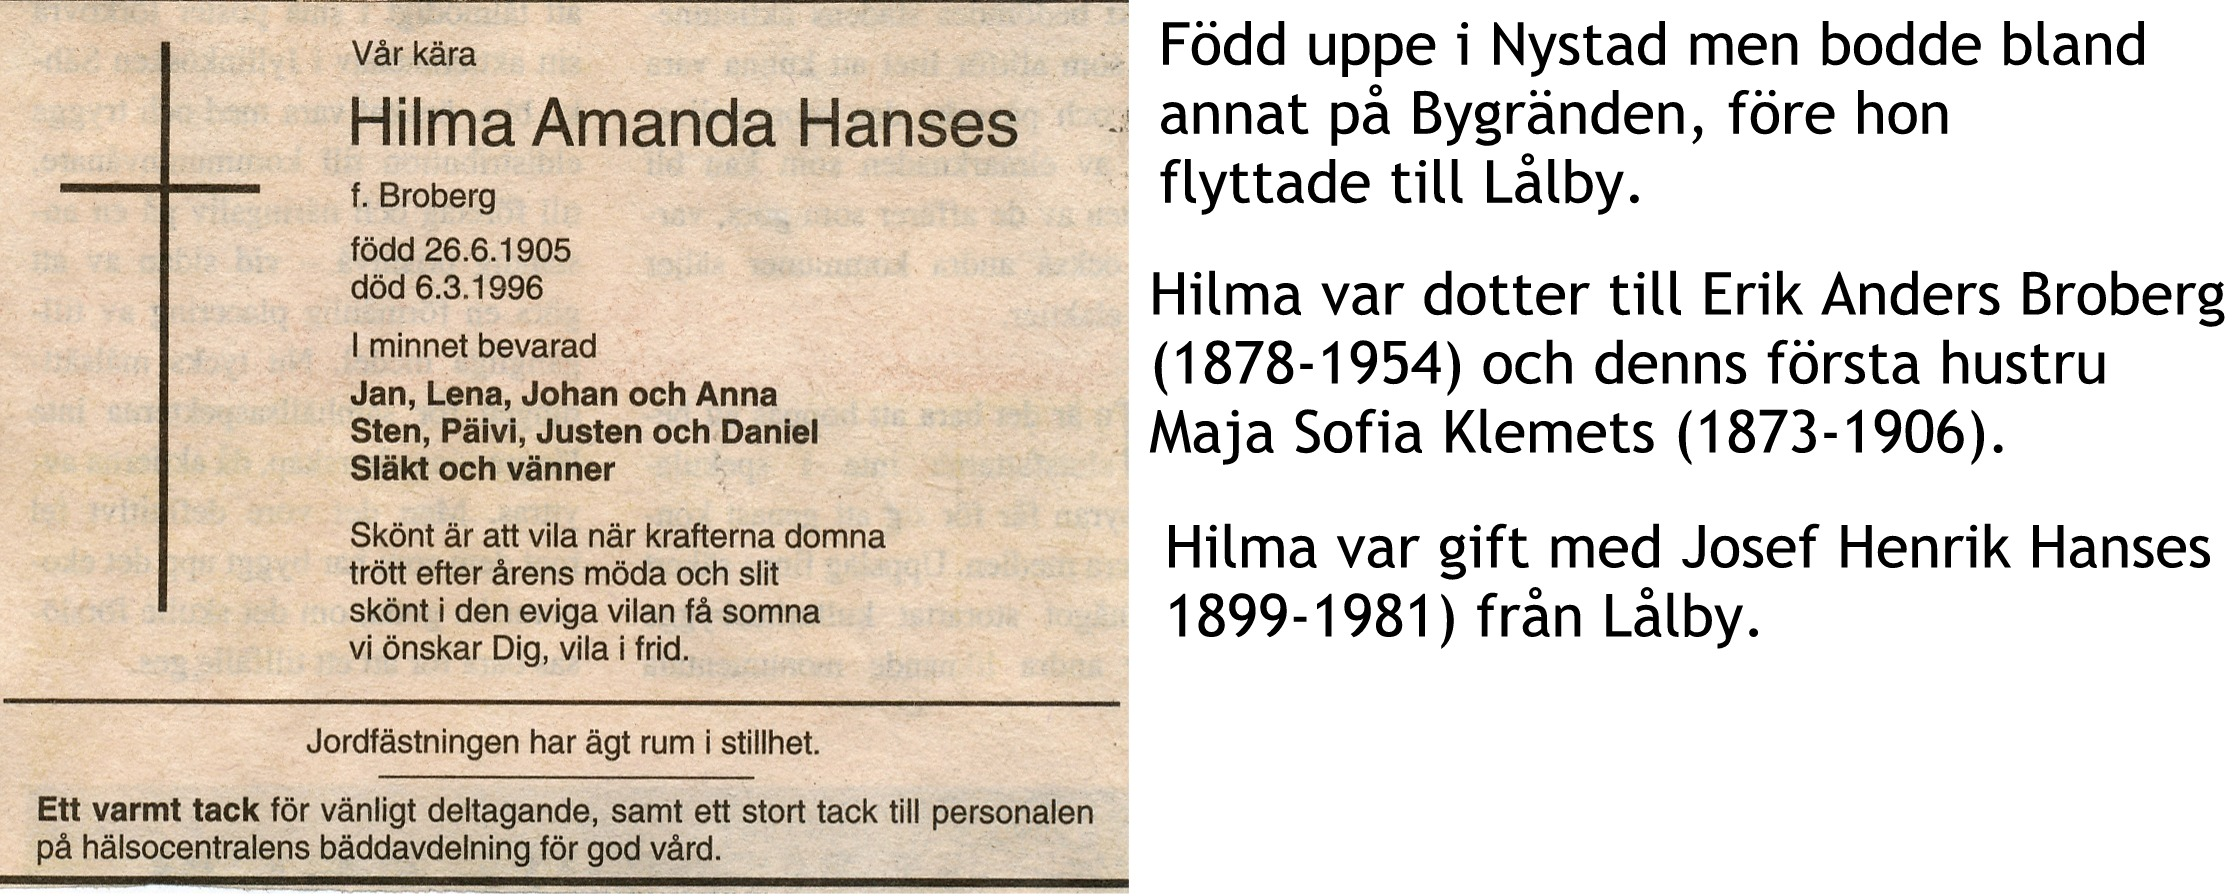 Hanses Hilma Amanda, f Broberg